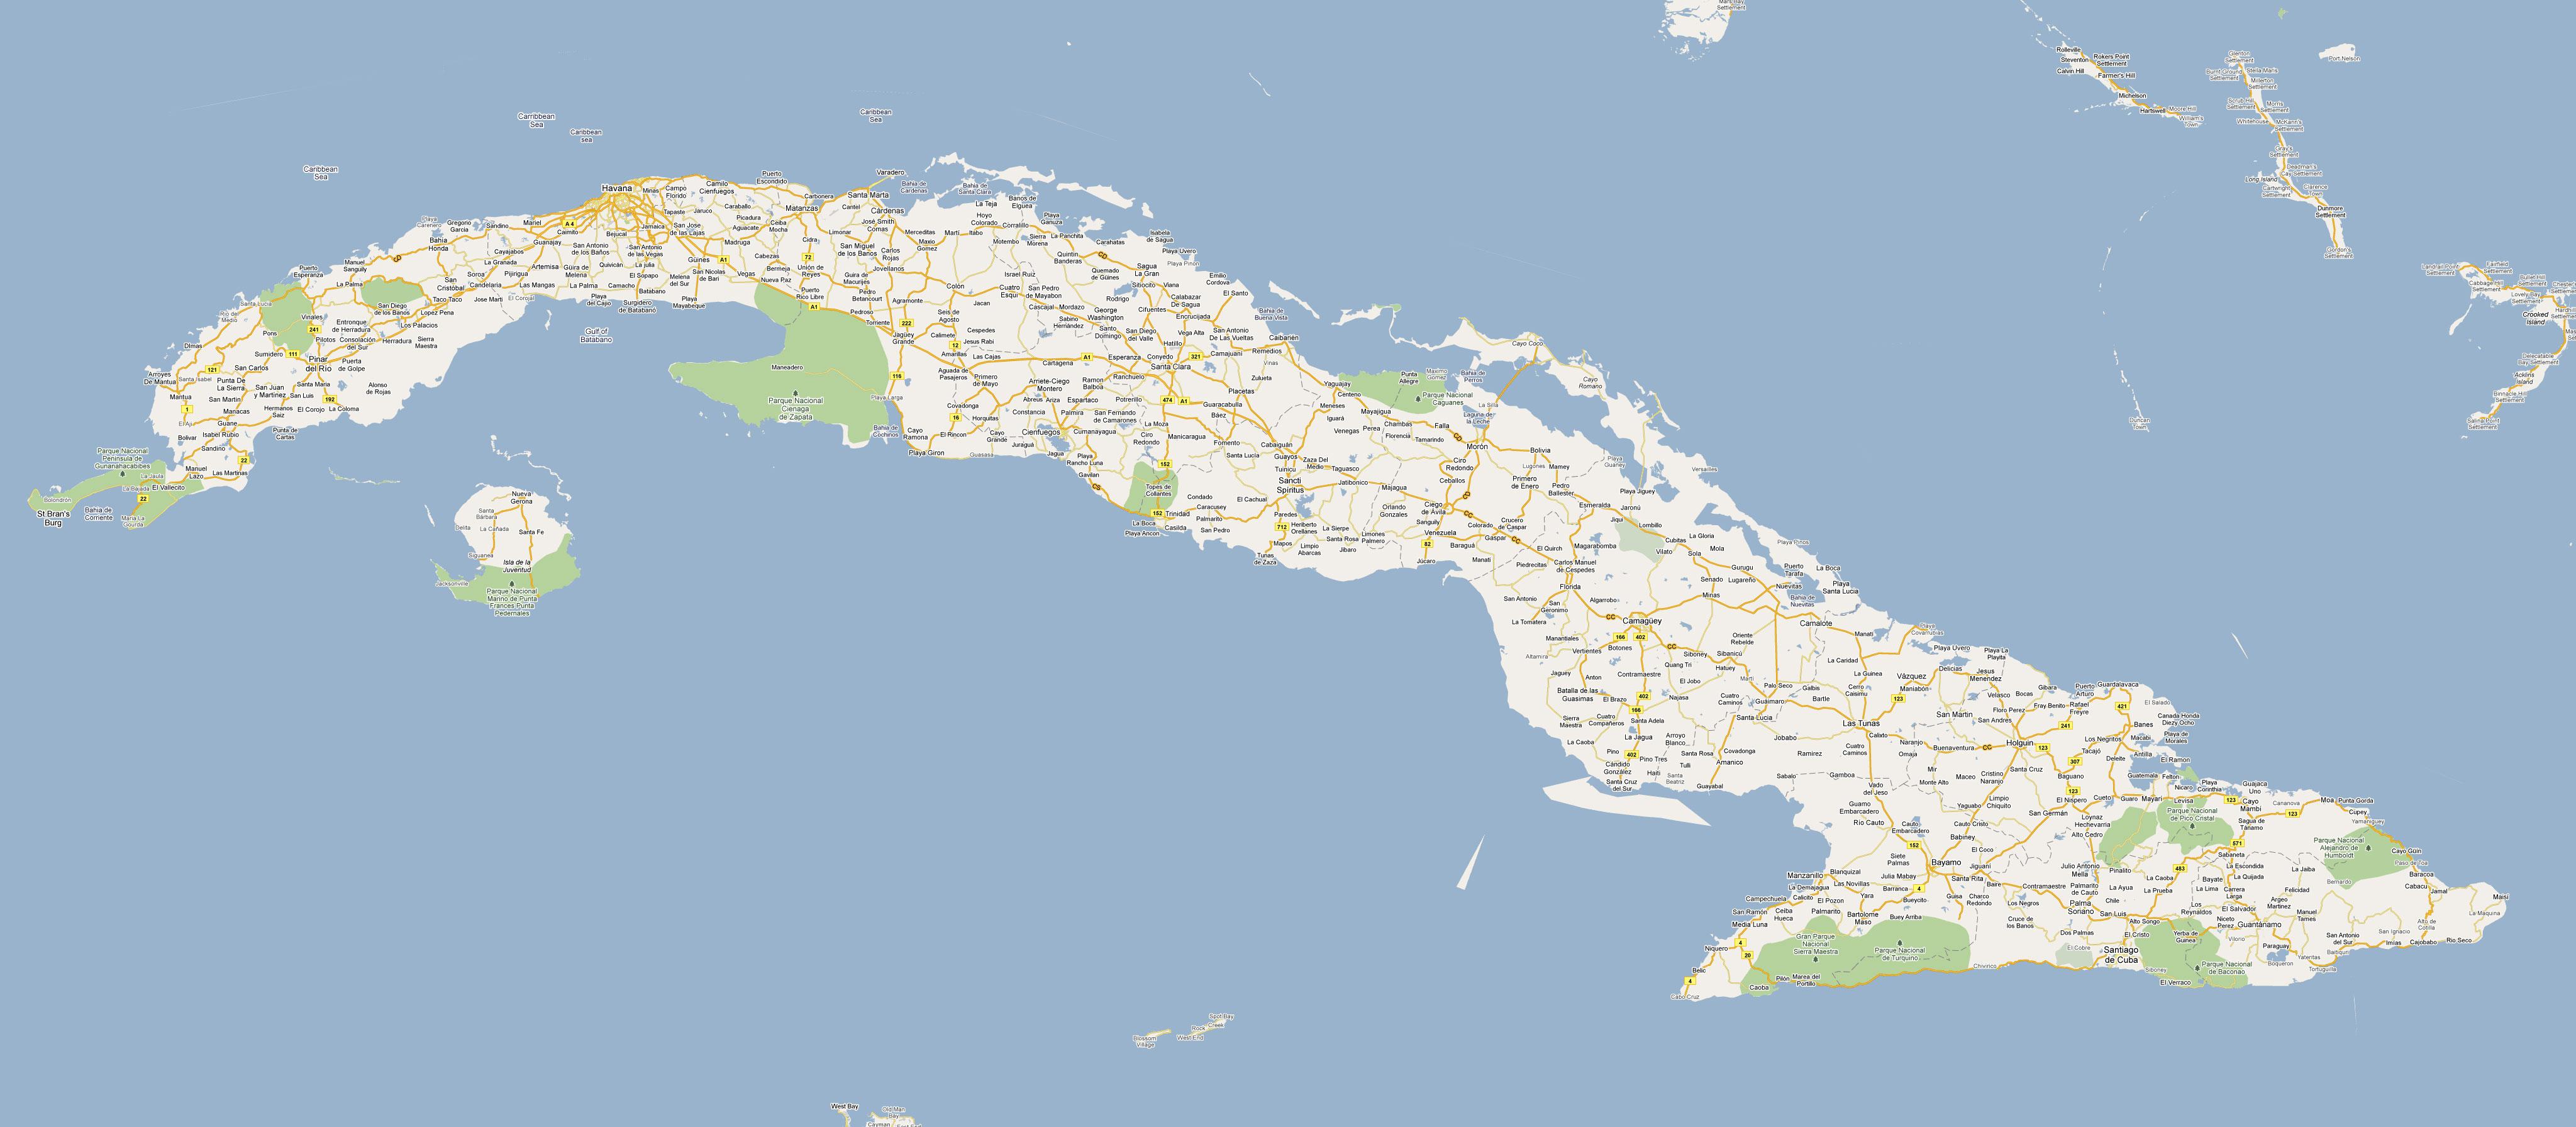 Mapas de cuba en varios formatos para descargar ver mapa de cuba de google maps gumiabroncs Choice Image